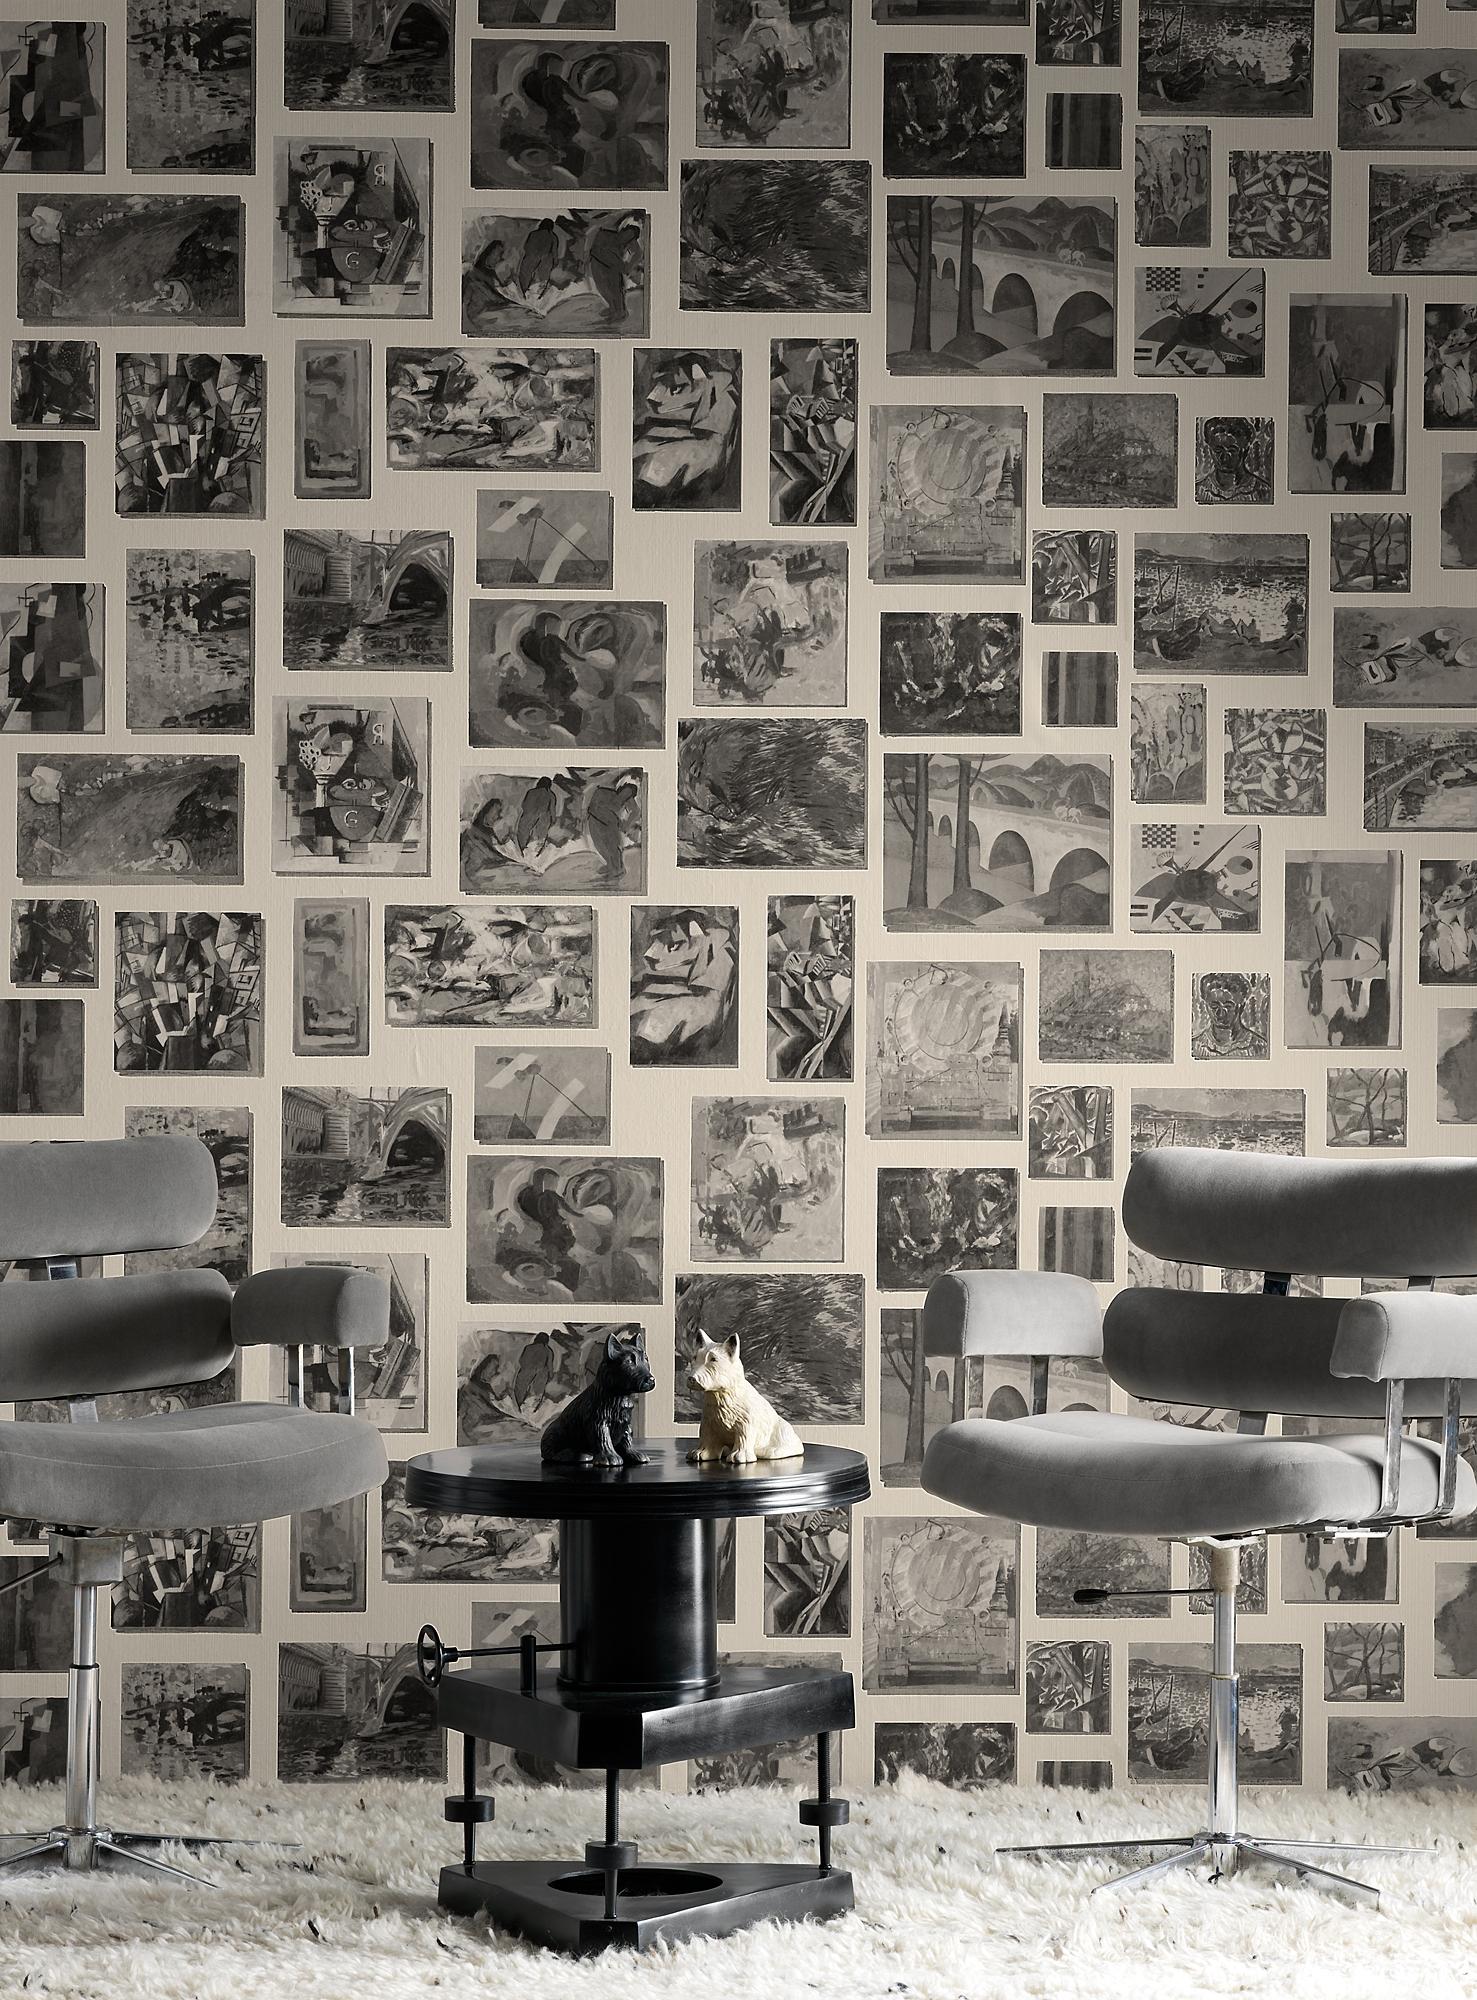 Modern Art Gallery Featured Artwork Wallpaper - Stone - 3 Rolls